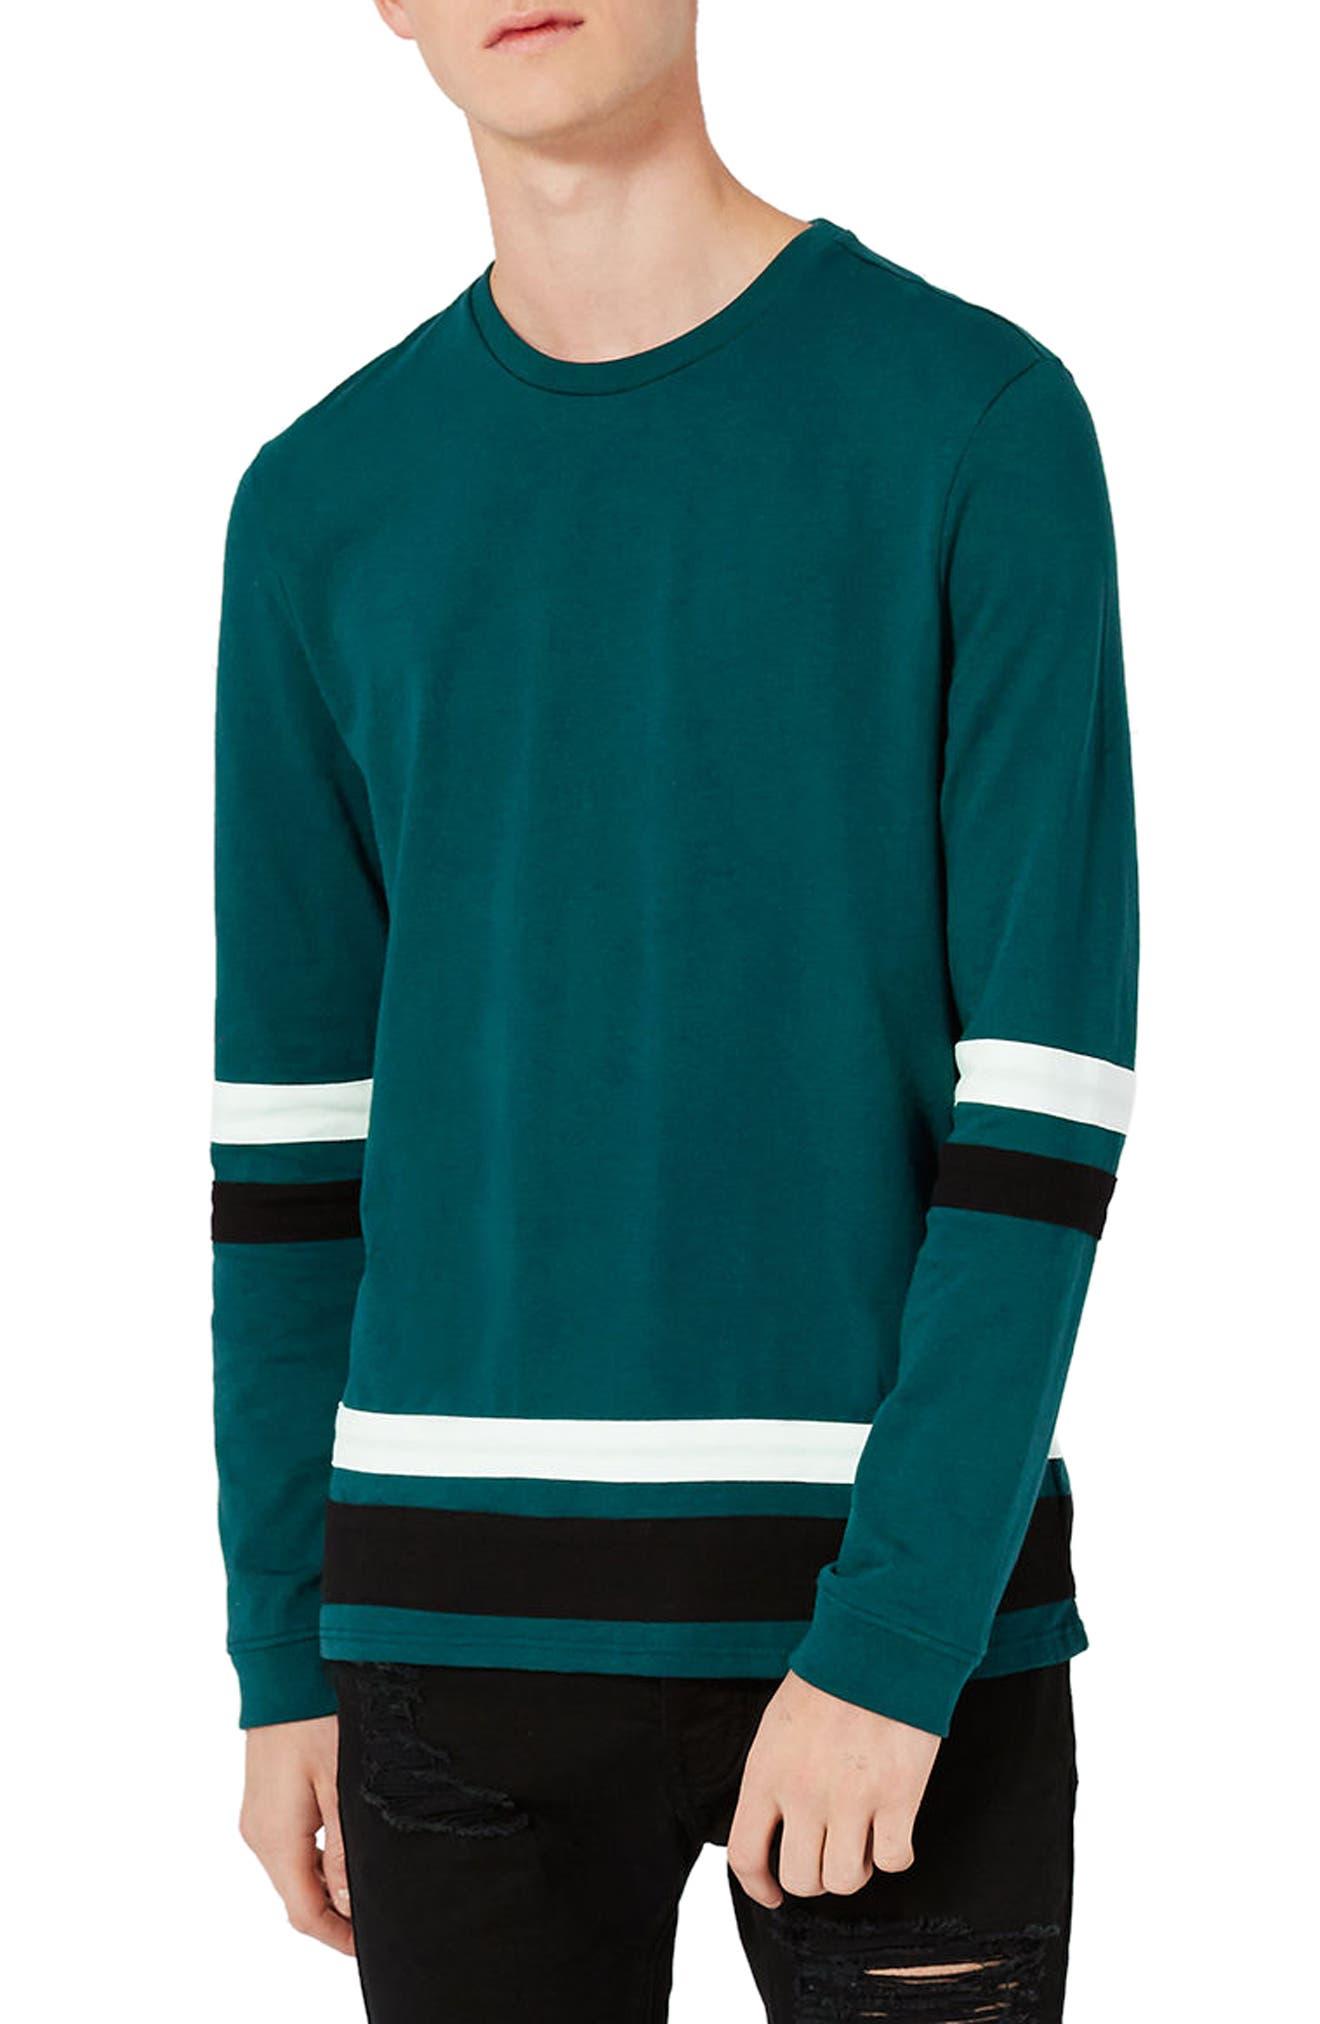 Topman Contrast Stripe Long Sleeve T-Shirt